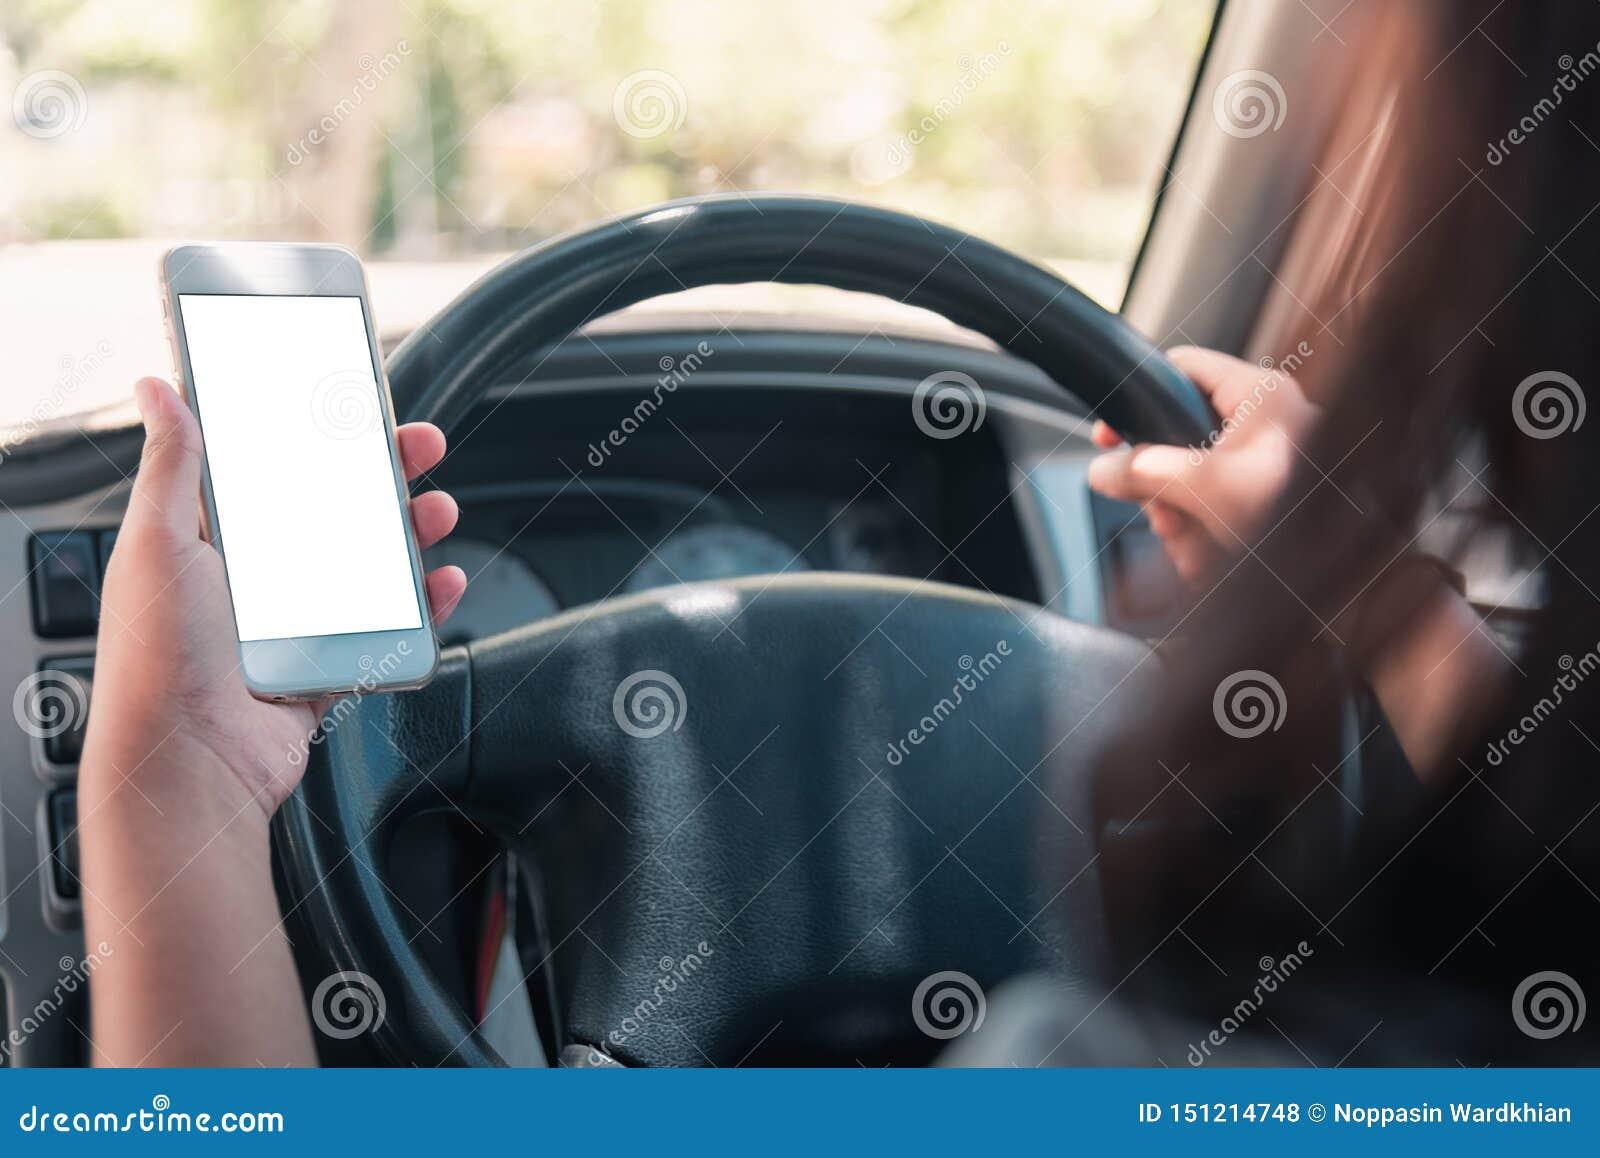 Γυναίκα στο αυτοκίνητο Νέα επιχειρησιακή γυναίκα με το τηλέφωνο στο αυτοκίνητο Smartphone εκμετάλλευσης γυναικών με την κενή οθόν